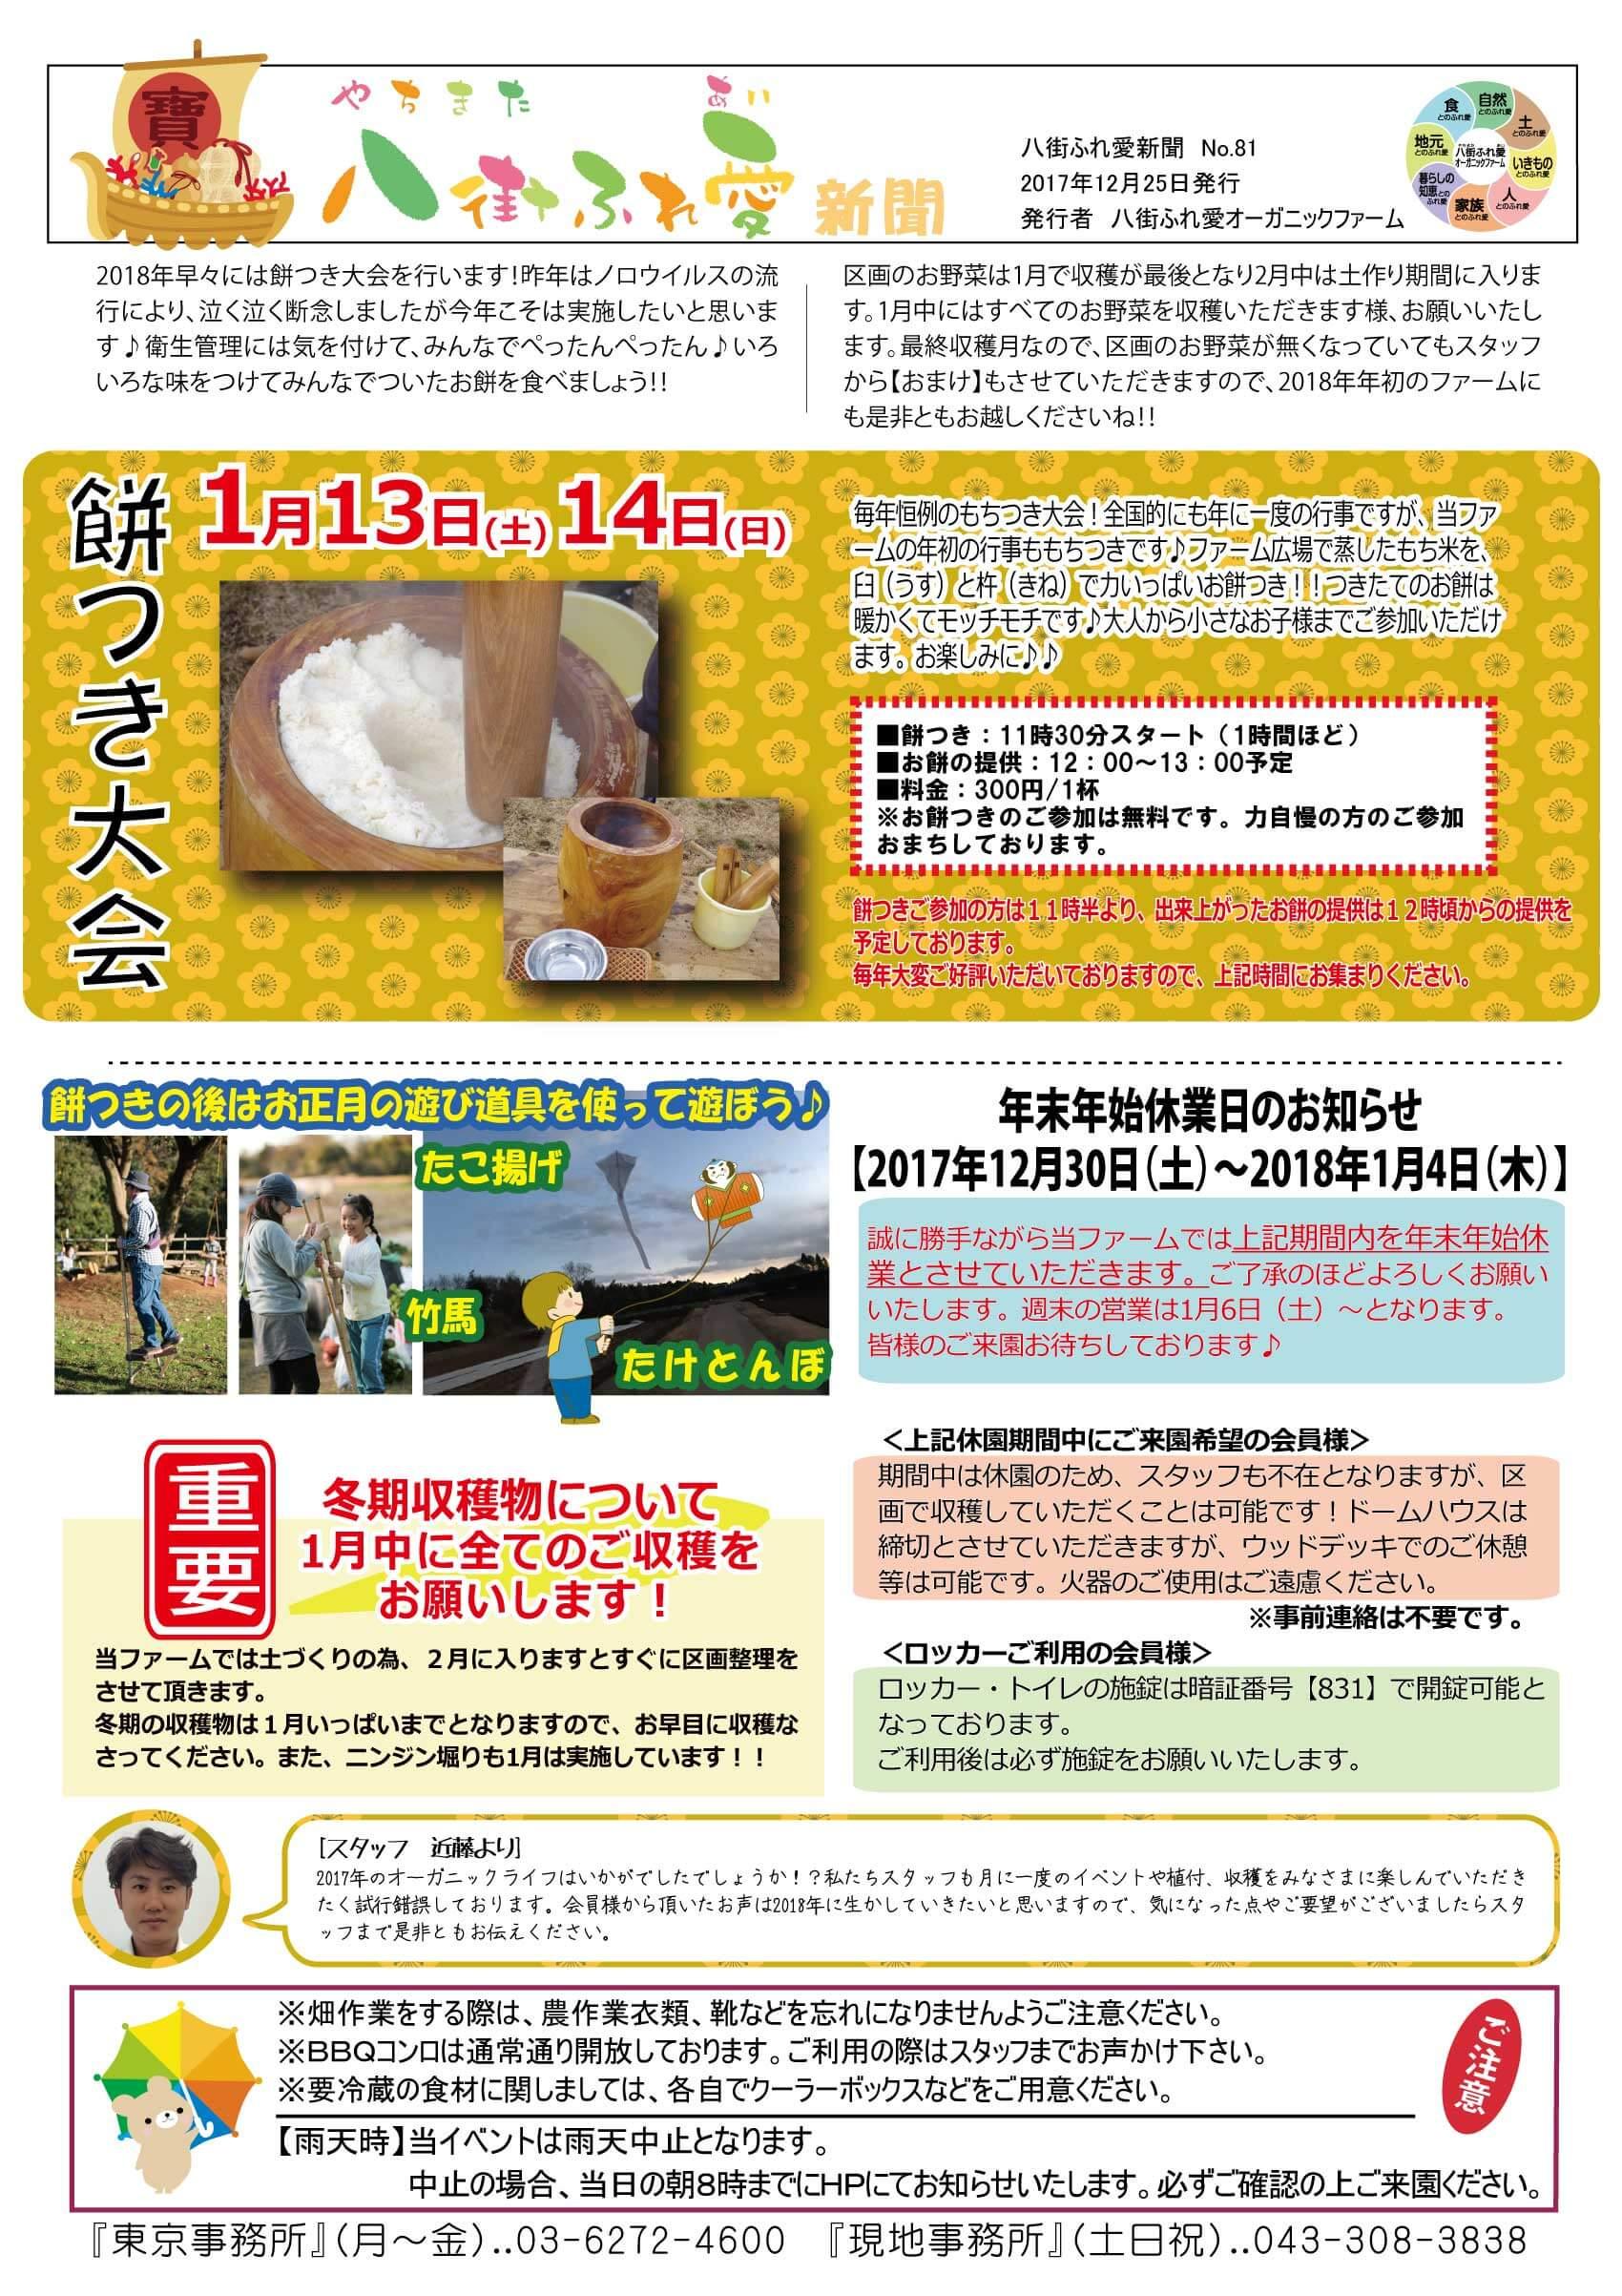 1/13,1/14 餅つき大会